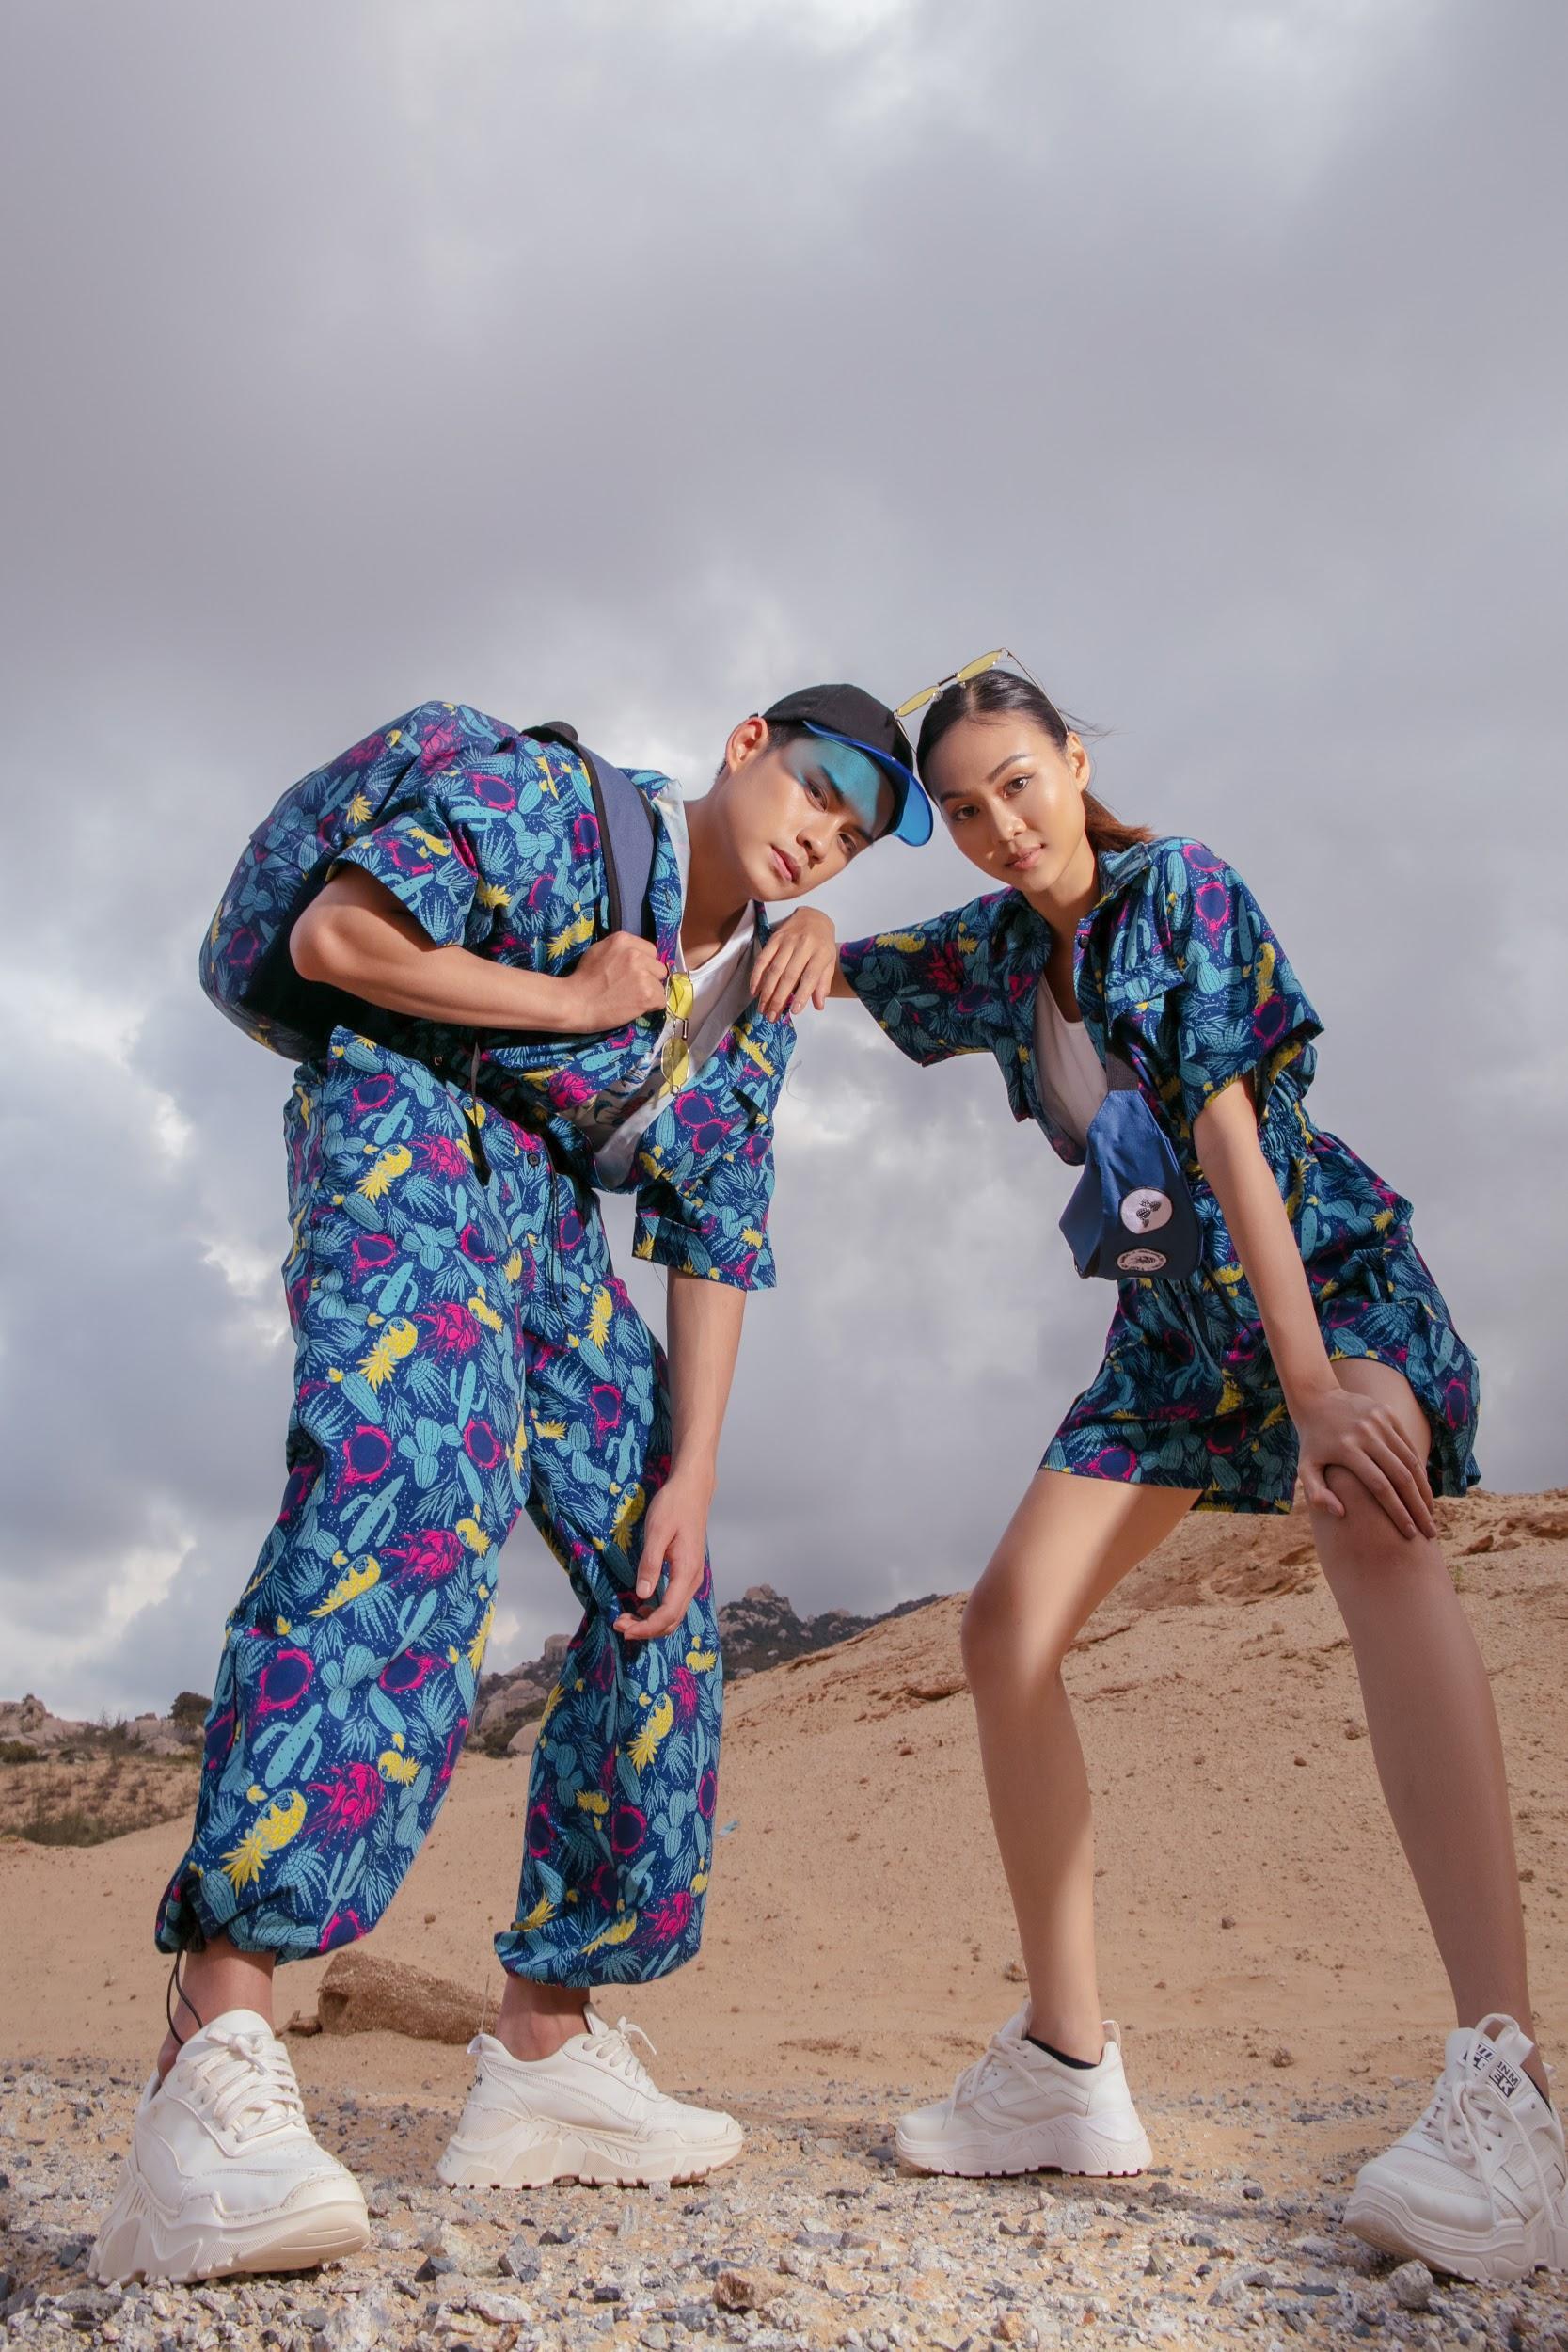 Cư dân mạng xôn xao về fashion film đẹp như mơ kỉ niệm hành trình 10 năm của Couple TX - Ảnh 3.